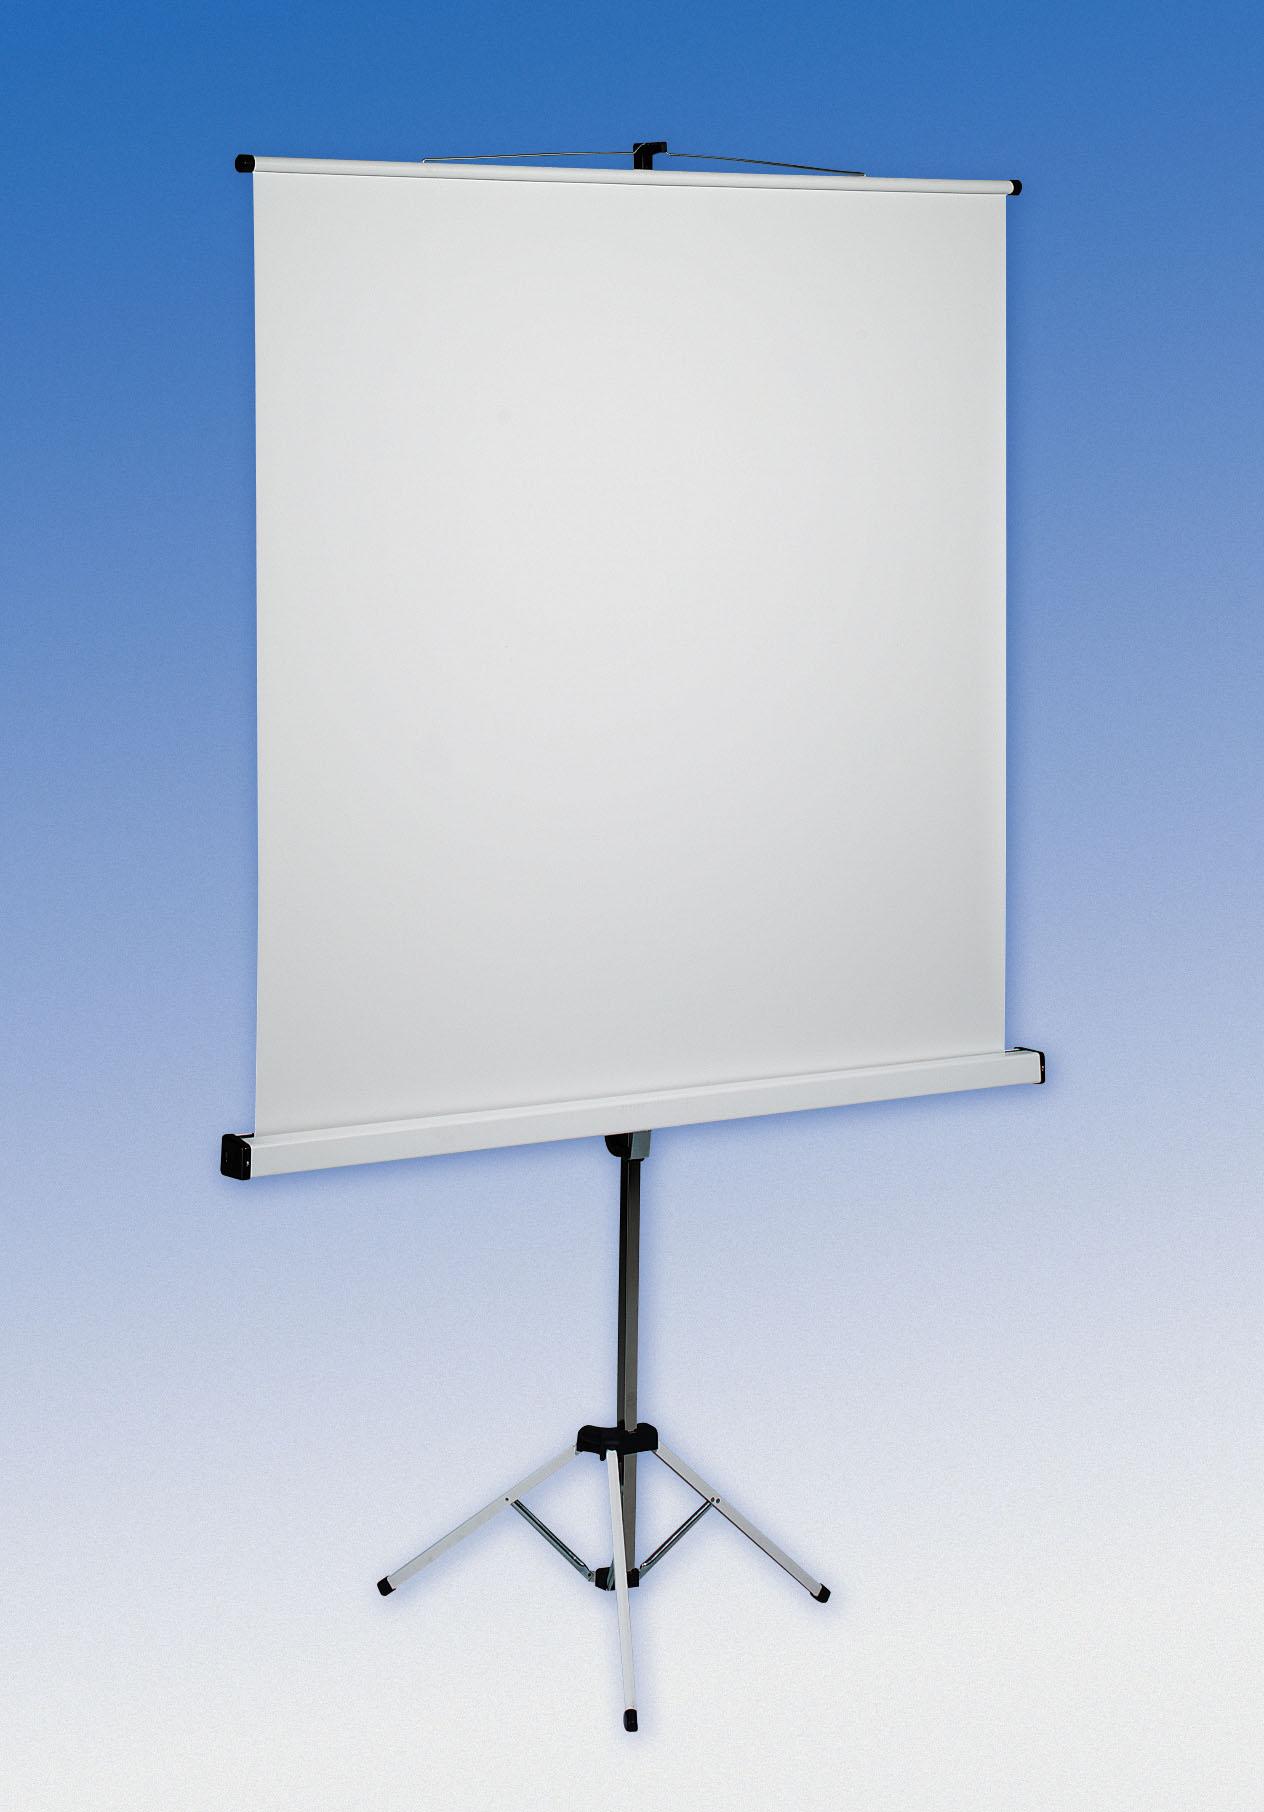 ecran de projection seloma amenagement mobilier de bureau poitiers niort la rochelle. Black Bedroom Furniture Sets. Home Design Ideas